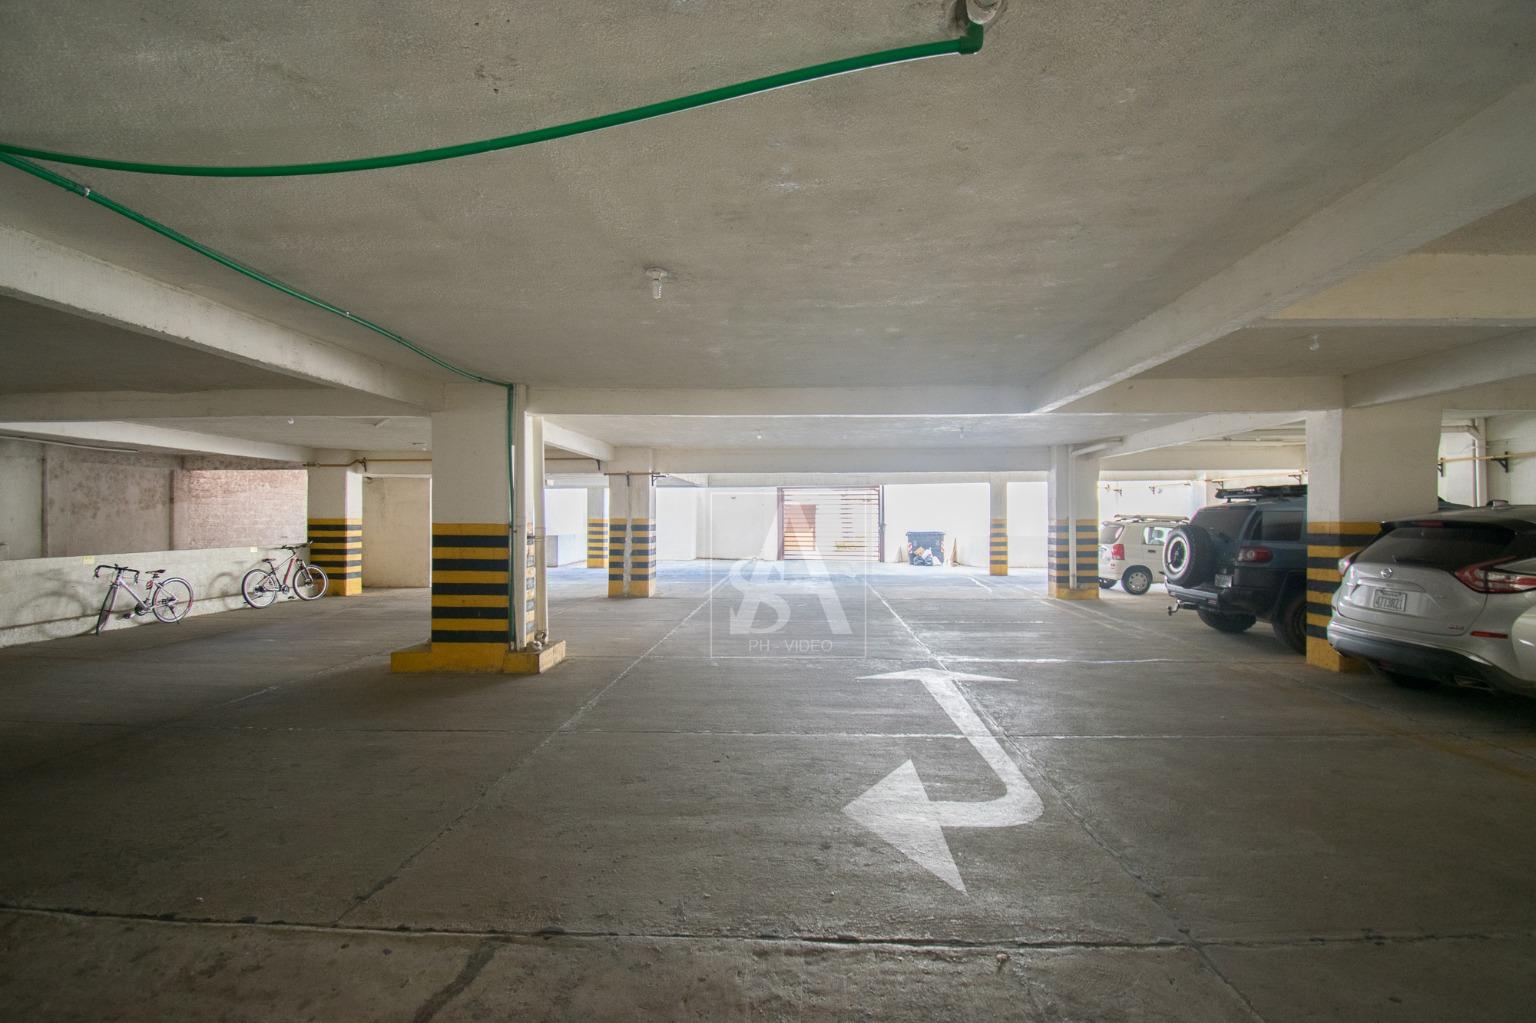 Departamento en Venta DEPARTAMENTO EN VENTA - CONDOMINIO PLAZA GUAPAY - 166.60 m². - AV. GUAPAY Foto 26